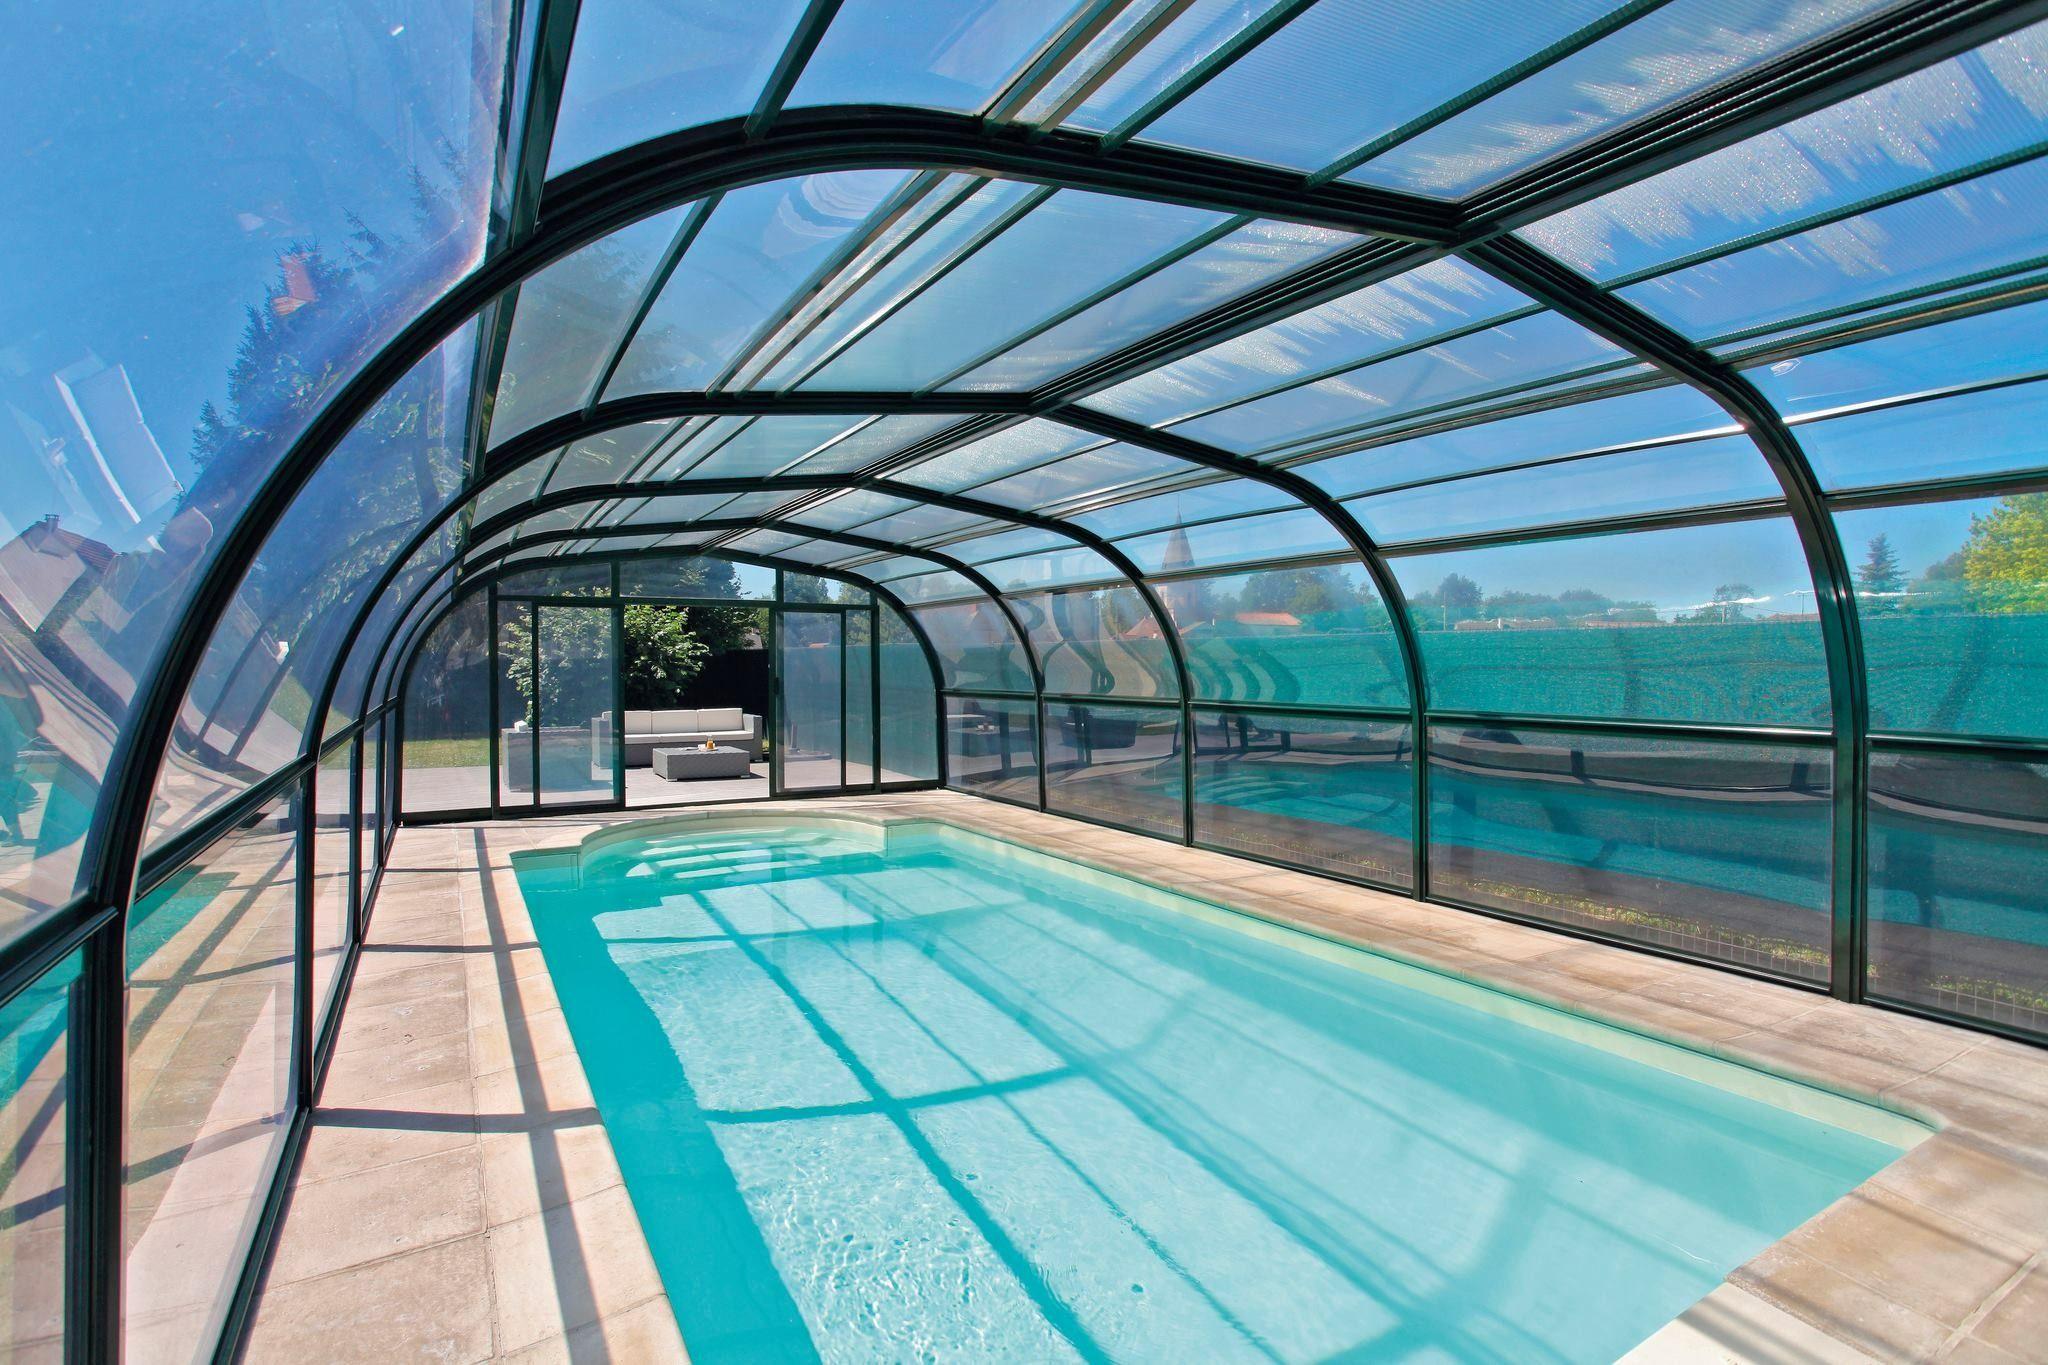 piscina cubierta Zaragoza